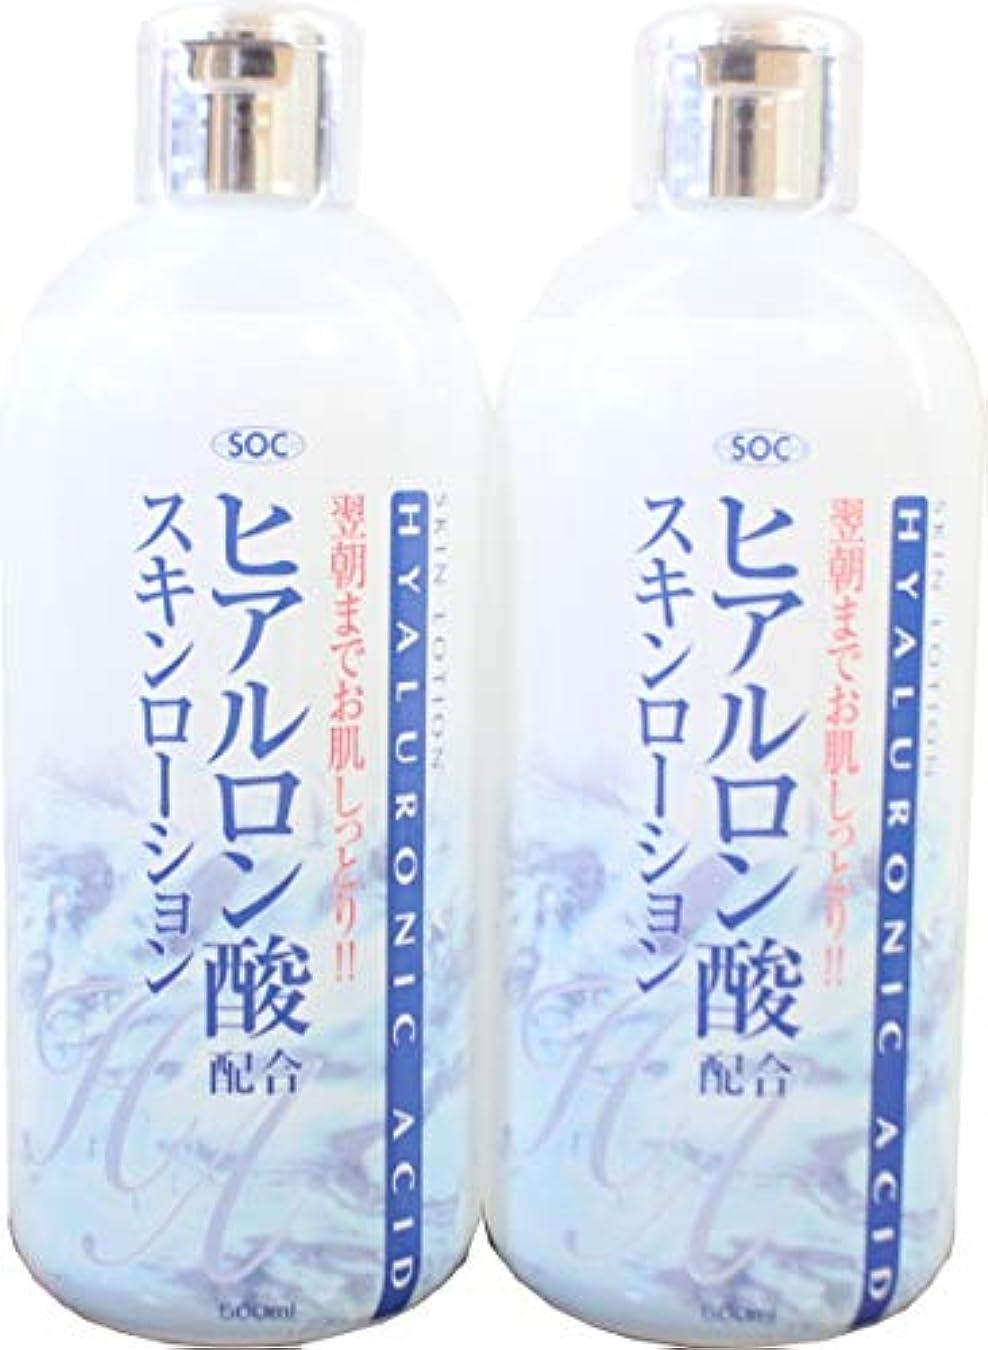 SOC スキンローション ヒアルロン酸 500ml ×2セット